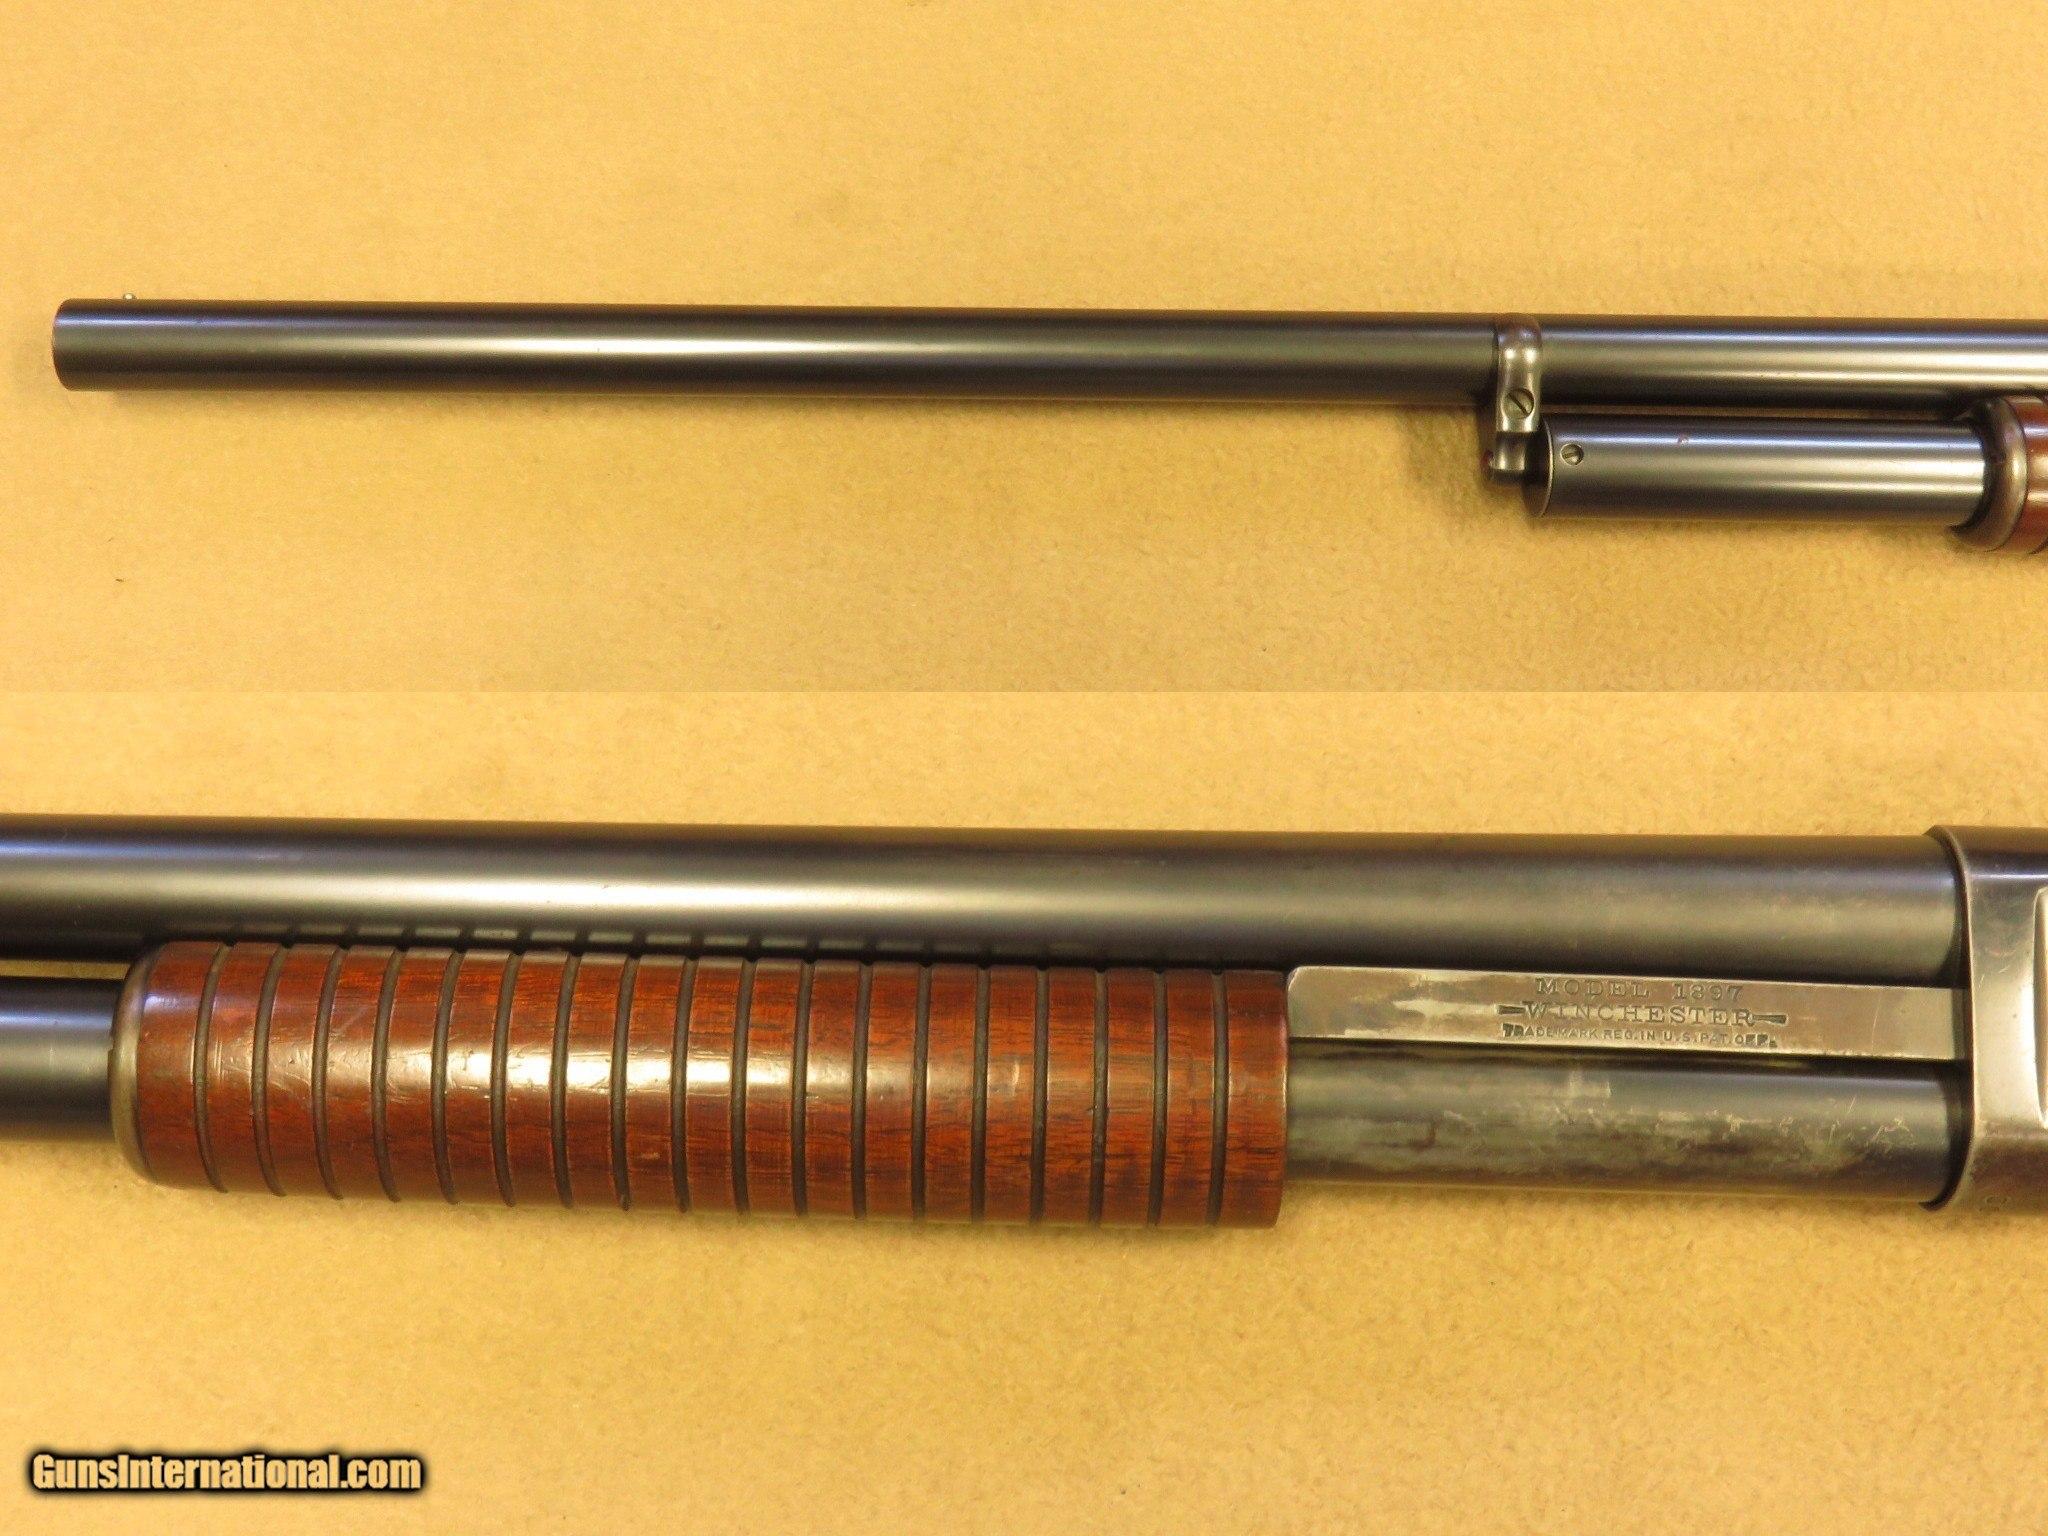 Winchester Model 1897 Slide Action, Solid Frame, 12 Gauge, 30 Inch